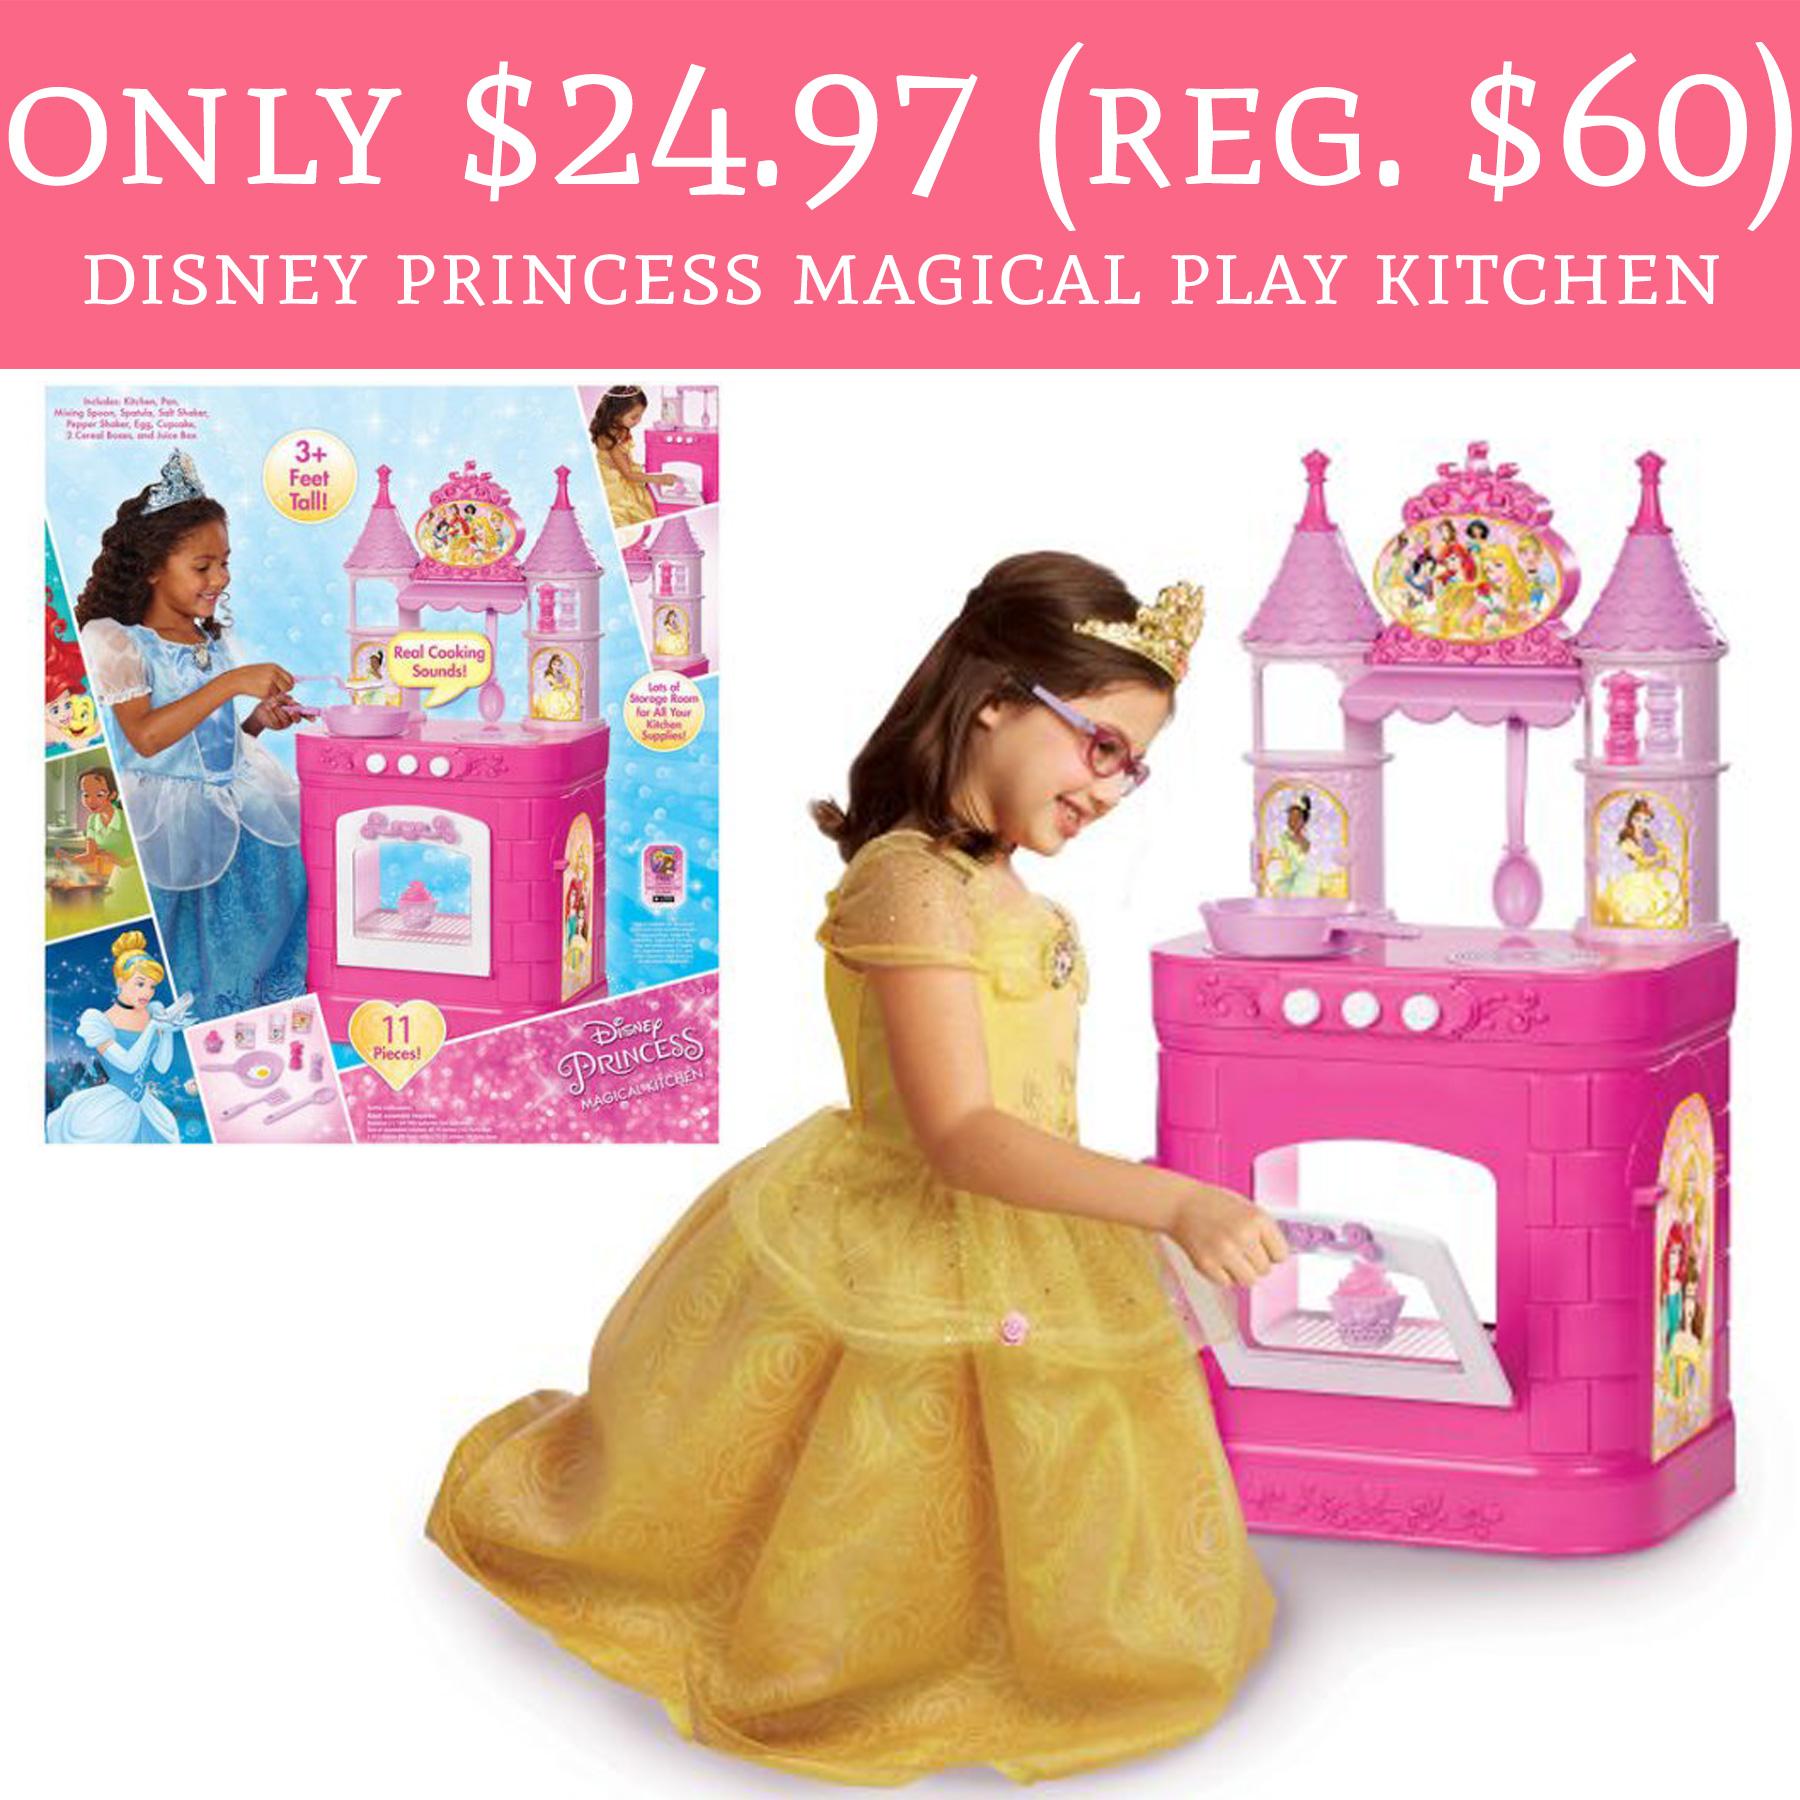 Only 24 97 Regular 60 Disney Princess Magical Play